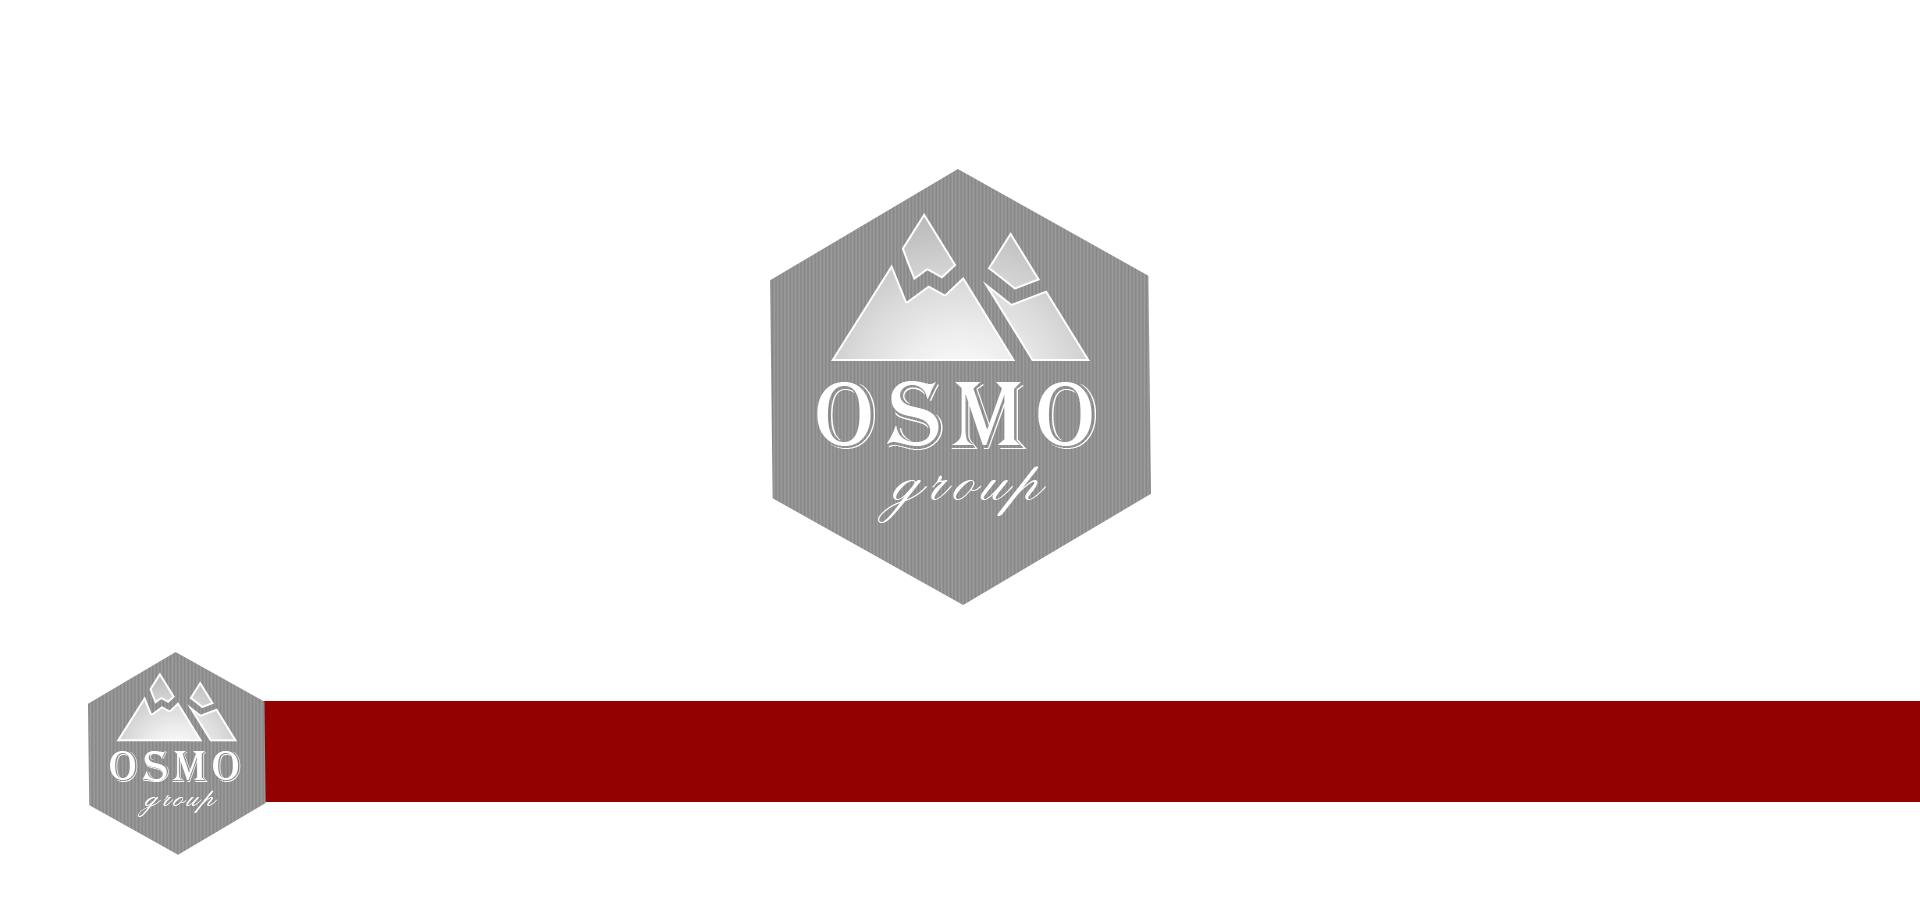 Создание логотипа для строительной компании OSMO group  фото f_79759b562e08cbea.png